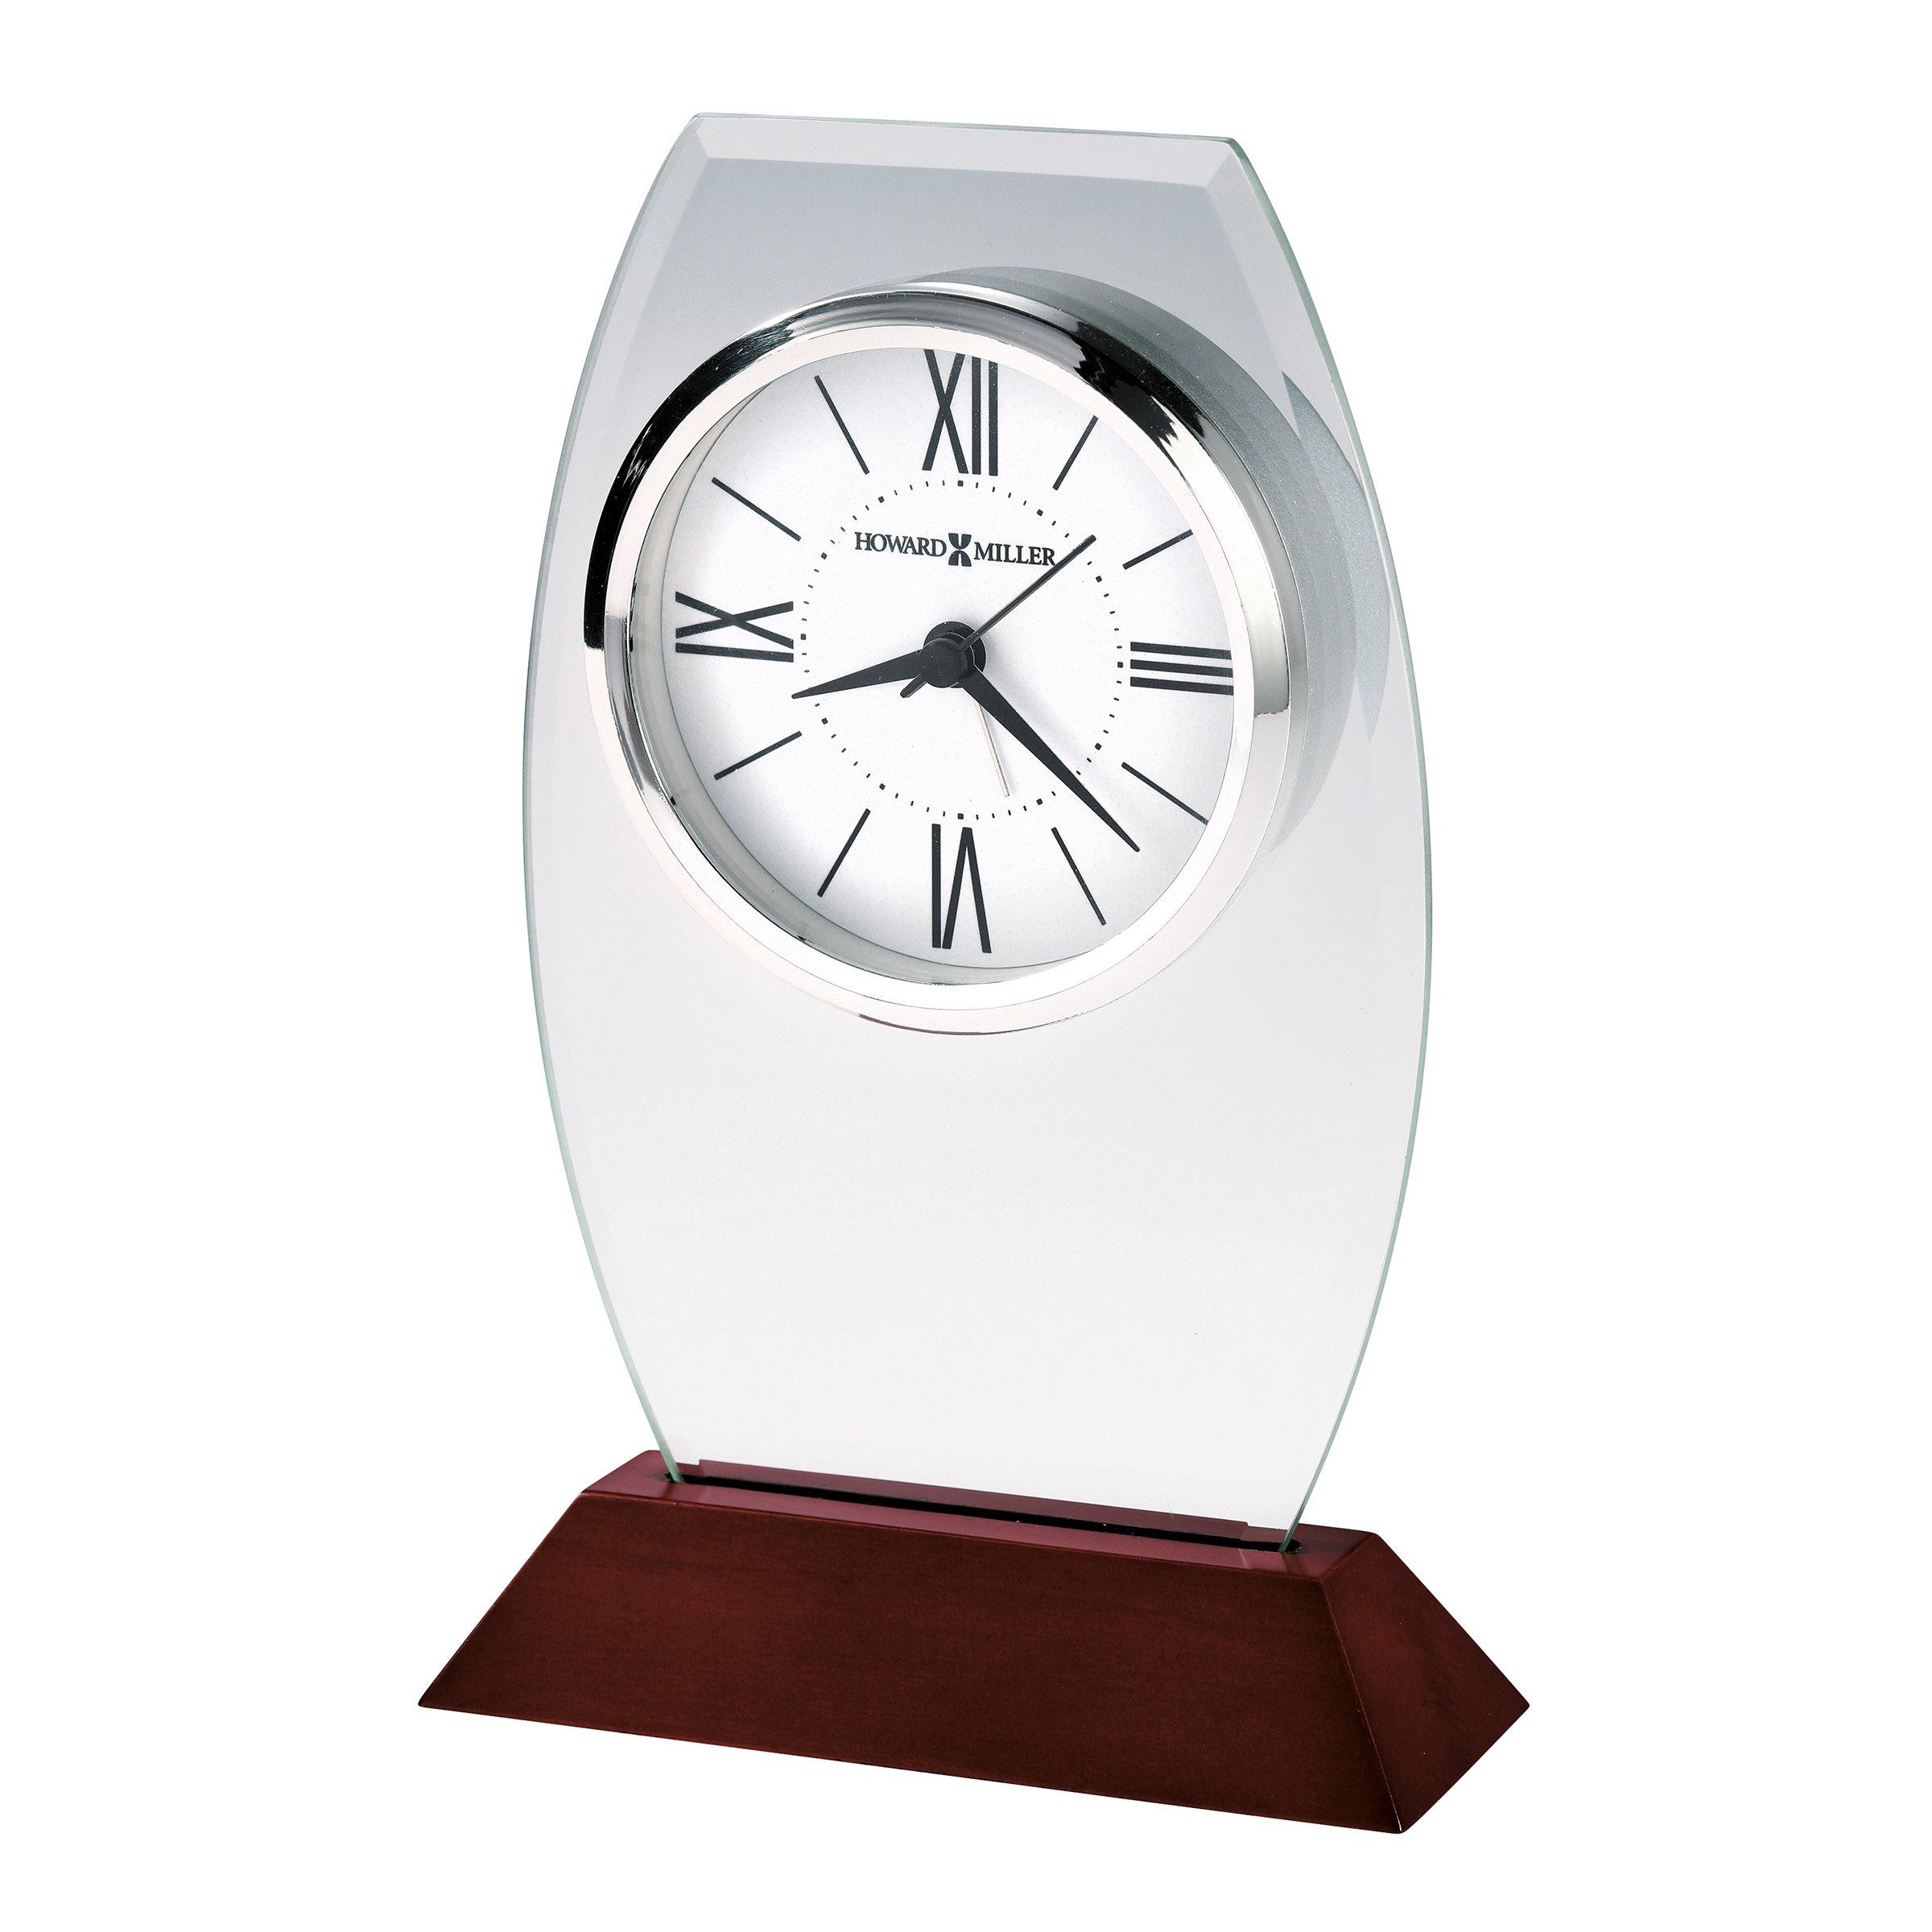 Howard Miller Waylon Table Clock 645 813 Tabletop Clocks Clock Howard Miller